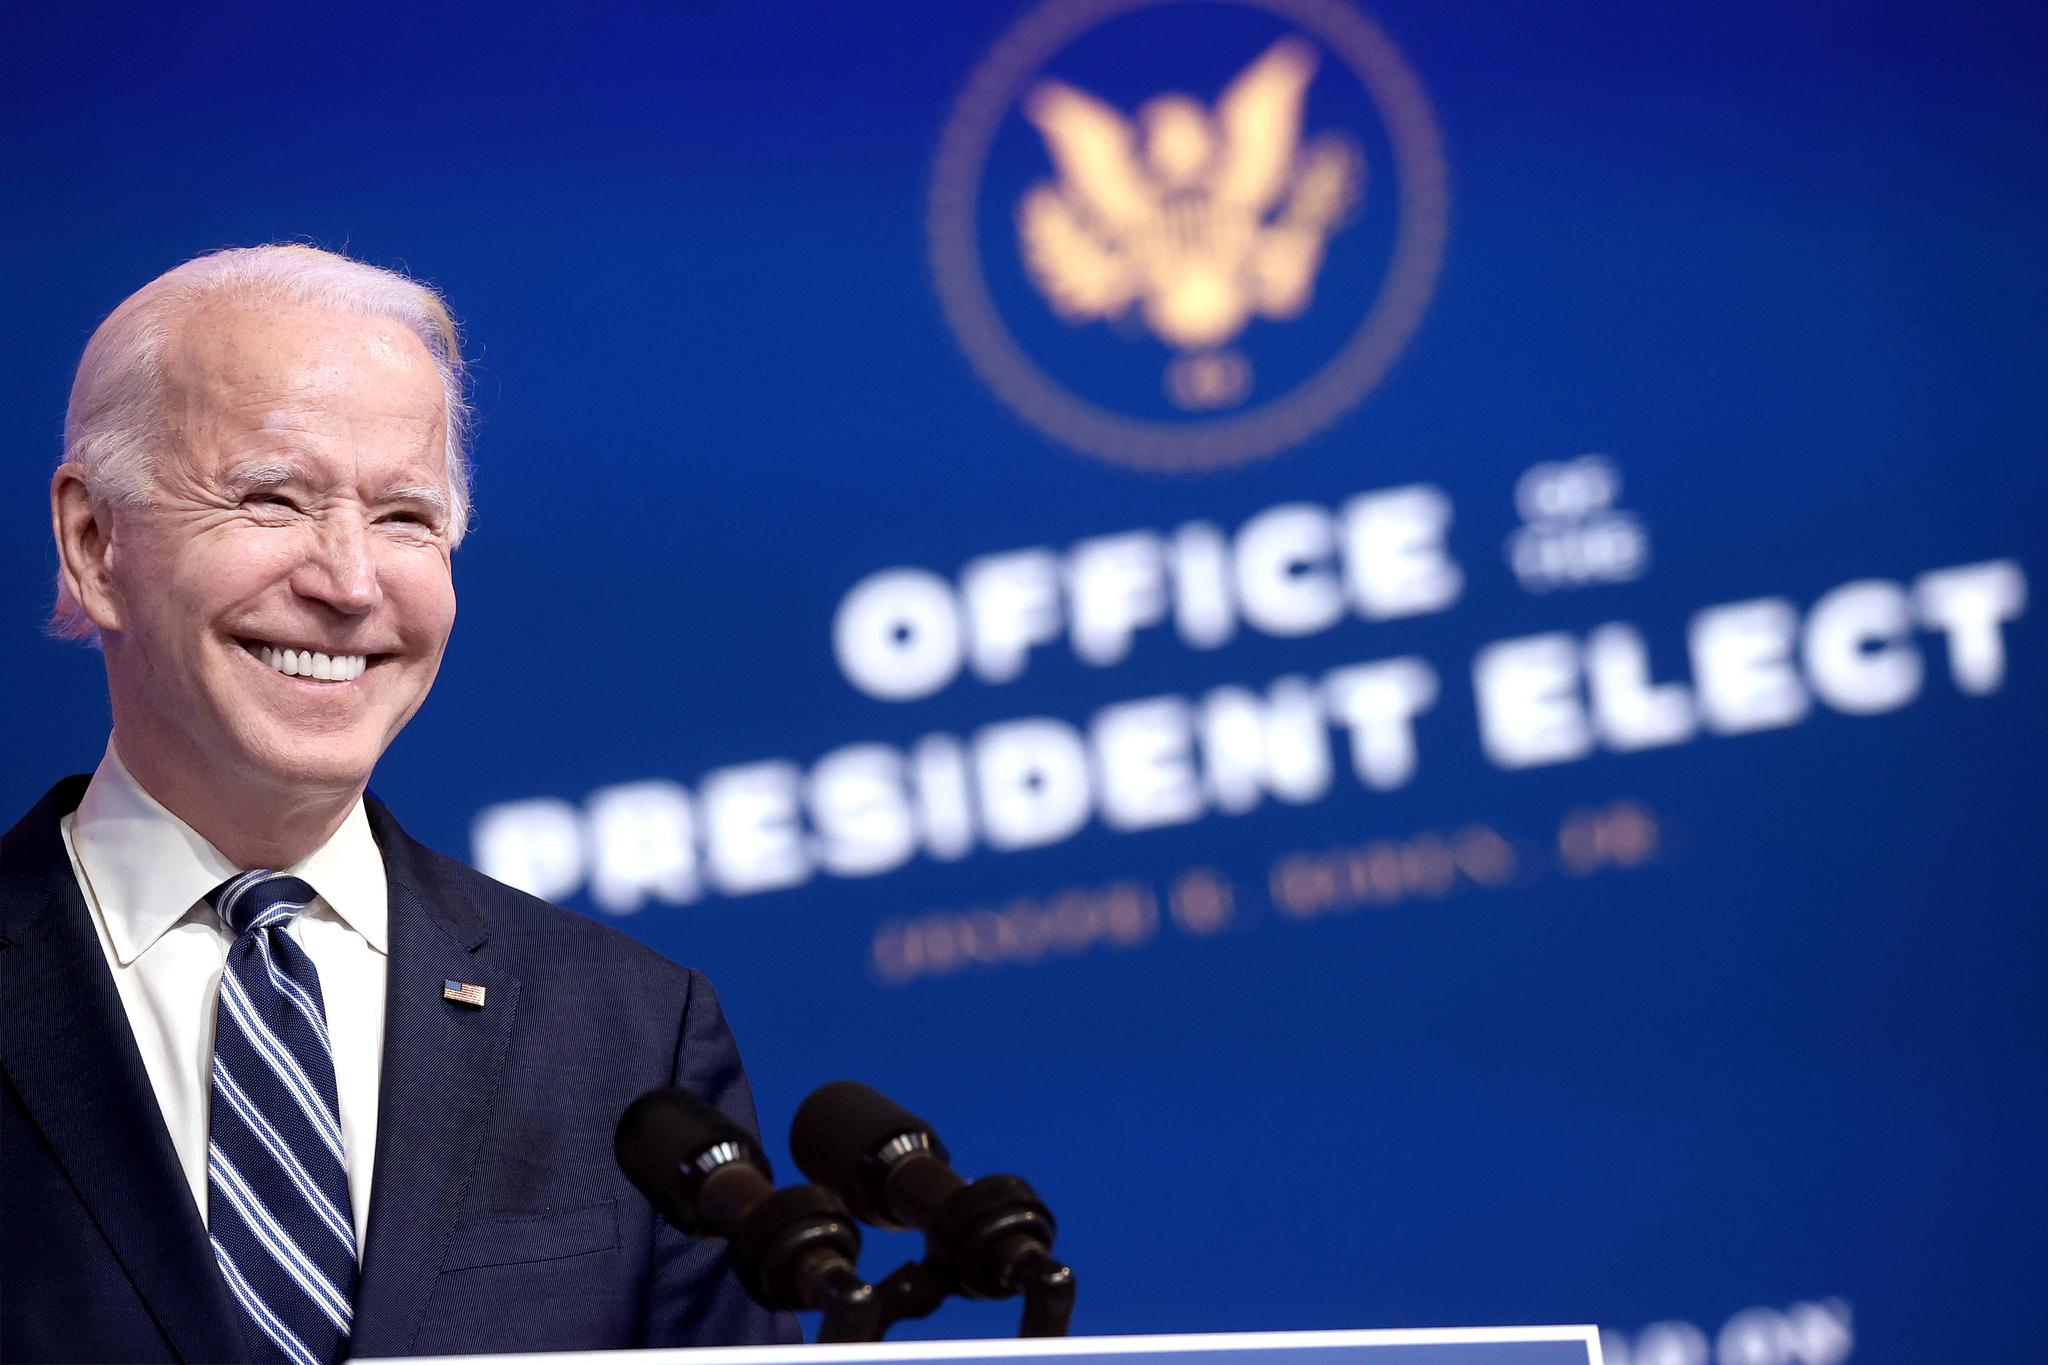 조 바이든 미국 대통령 당선인이 지난 10일(현지시간) 델라웨어 윌밍턴의 인수위 사무실에서 전 국민건강보험법인 이른바 '오바마케어' 관련 설명을 하며 환하게 웃고 있다. 로이터=연합뉴스